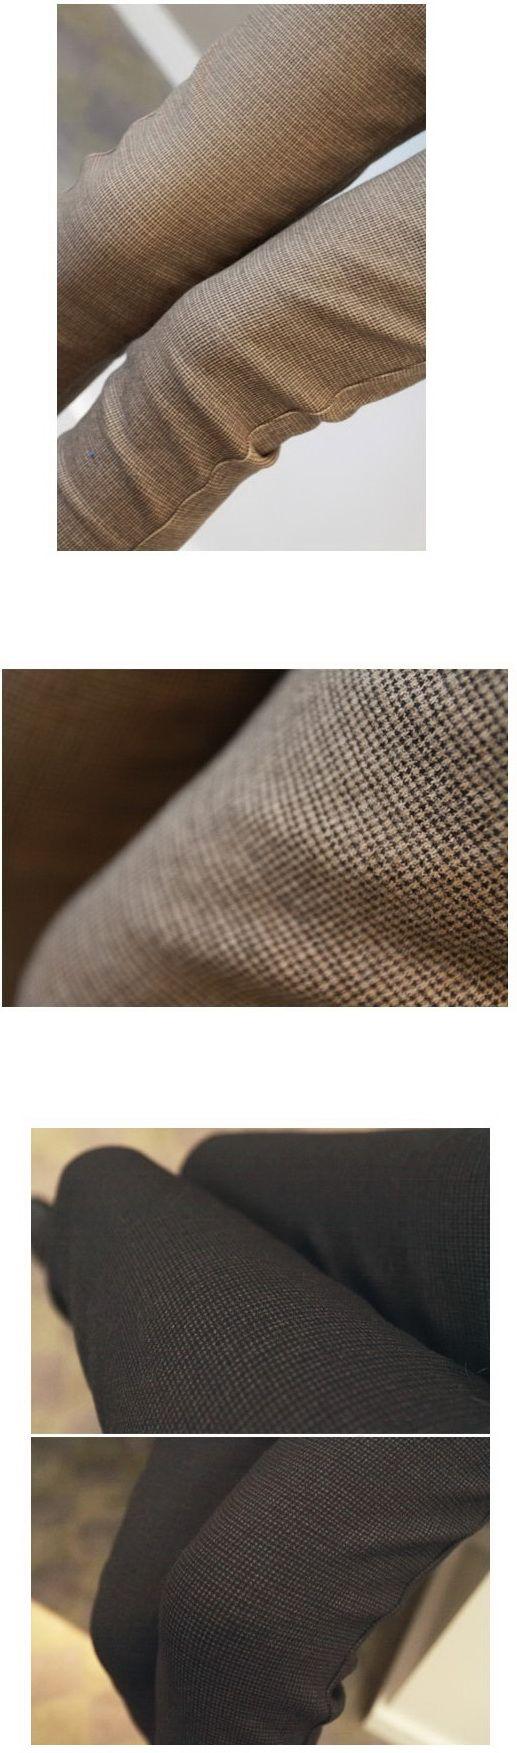 เสื้อผ้าแฟชั่น : กางเกงสกินนี่ลายตารางเล็กบุ fleece กันหนาว